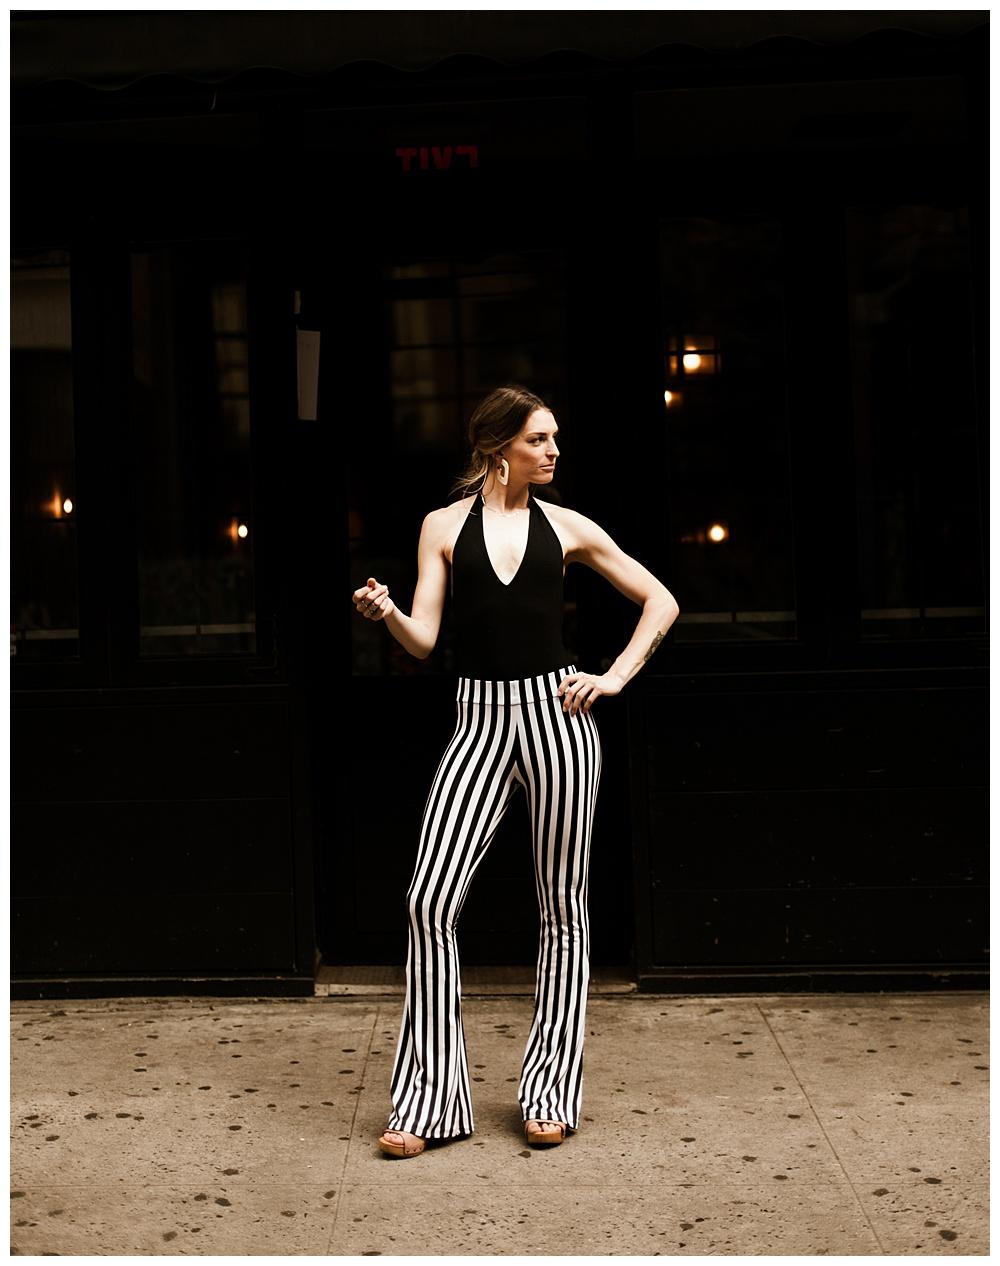 NewYorkBrandingPhotographer-ElizabethZuluaga-Emily Rehm_004.jpg